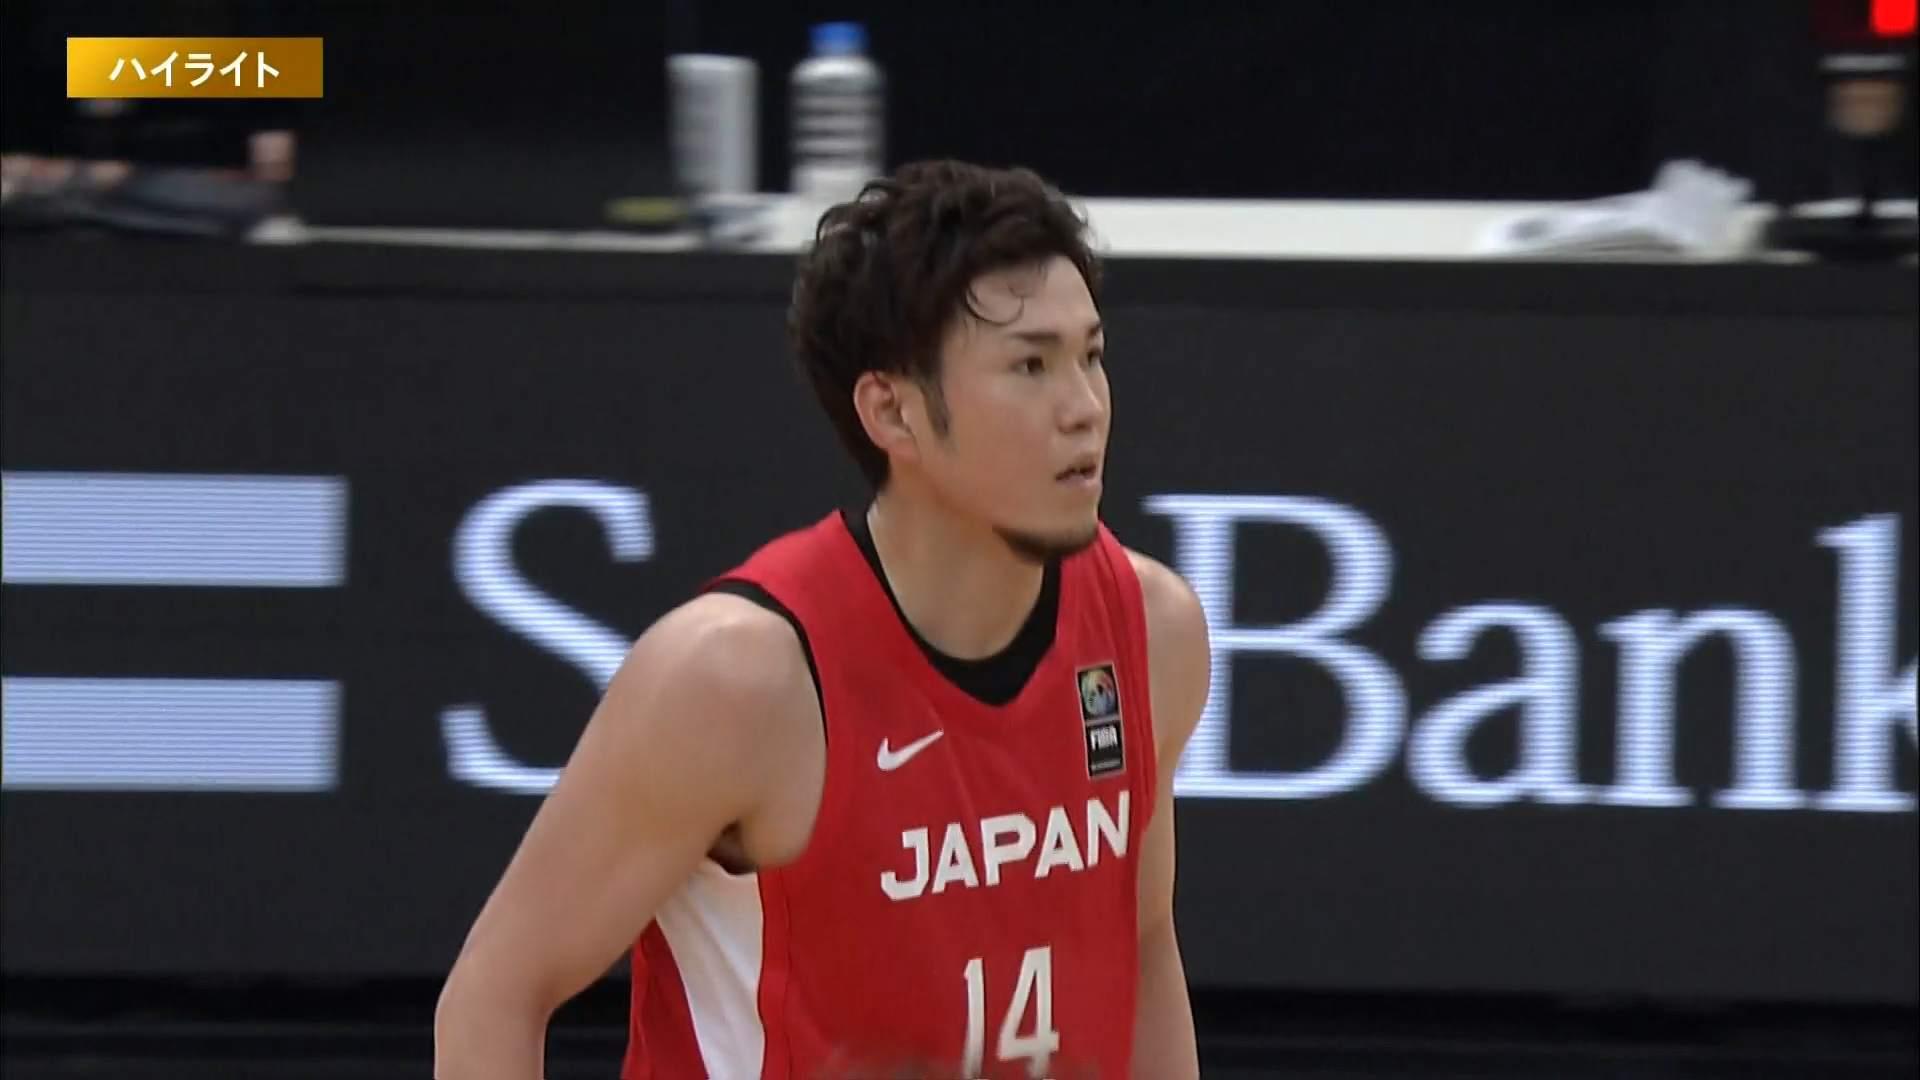 【ハイライト】【バスケ男子国際強化試合2021】日本 vs イラン 第1戦(2021.6.23)